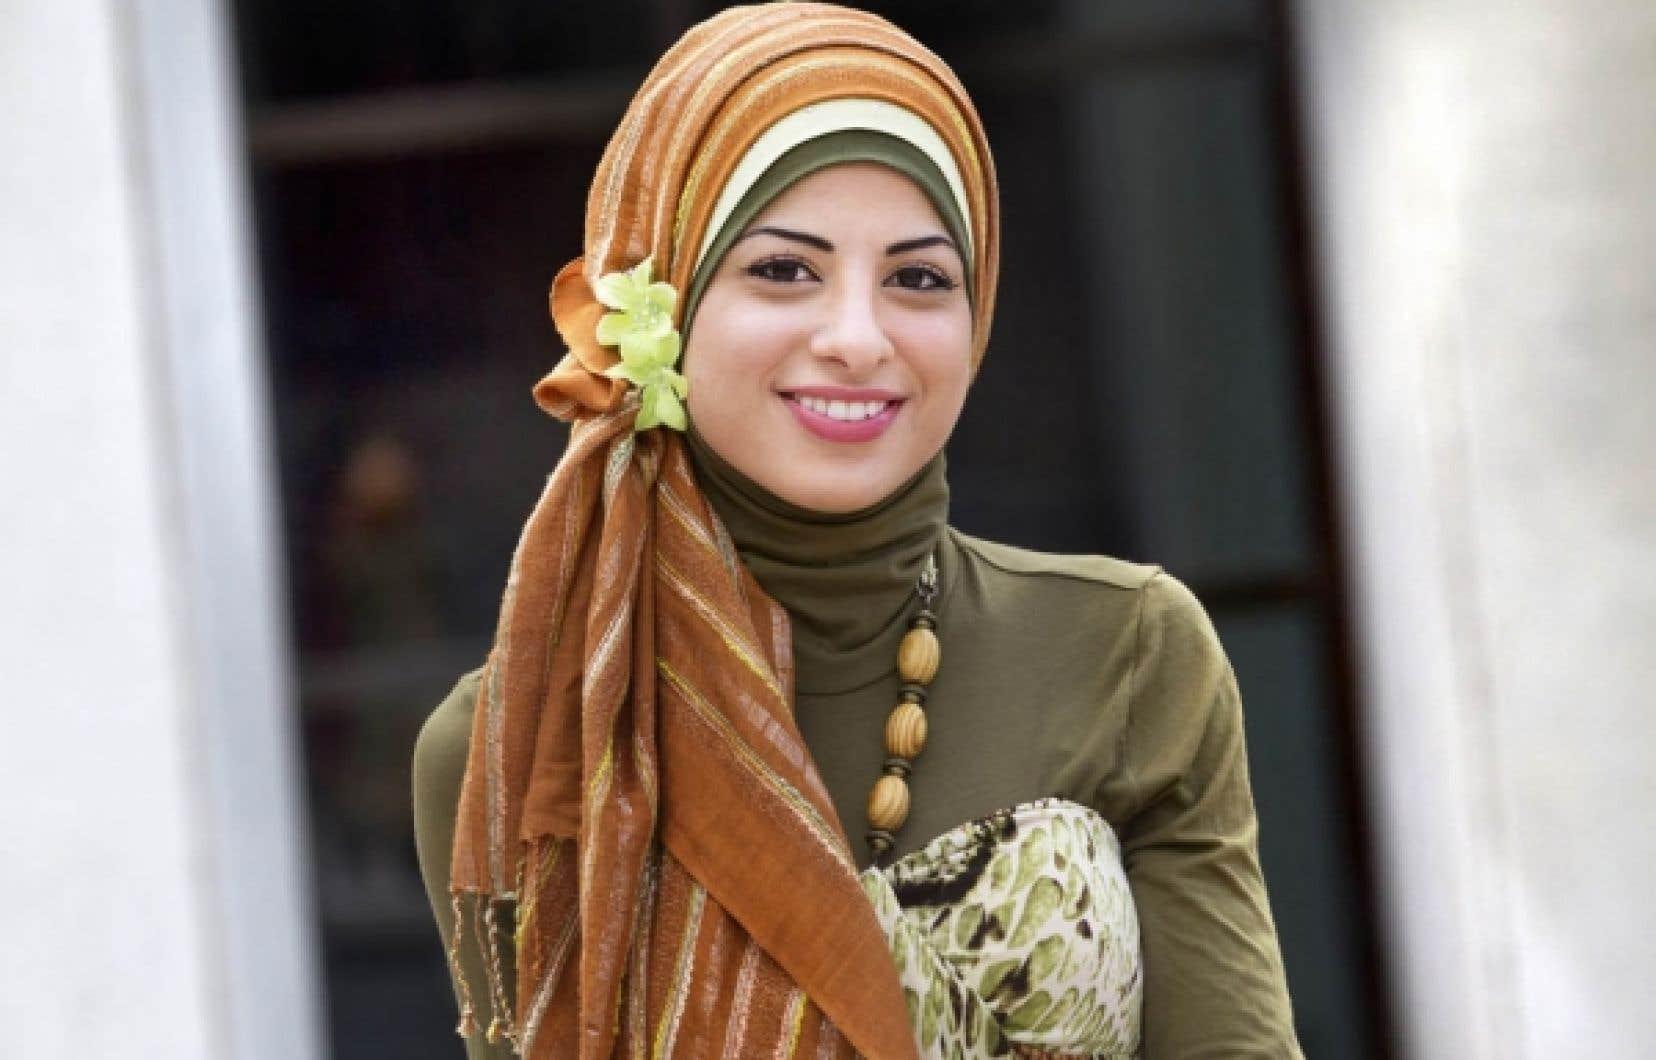 Ce qu'il faut savoir quand on rencontre une femme musulmane